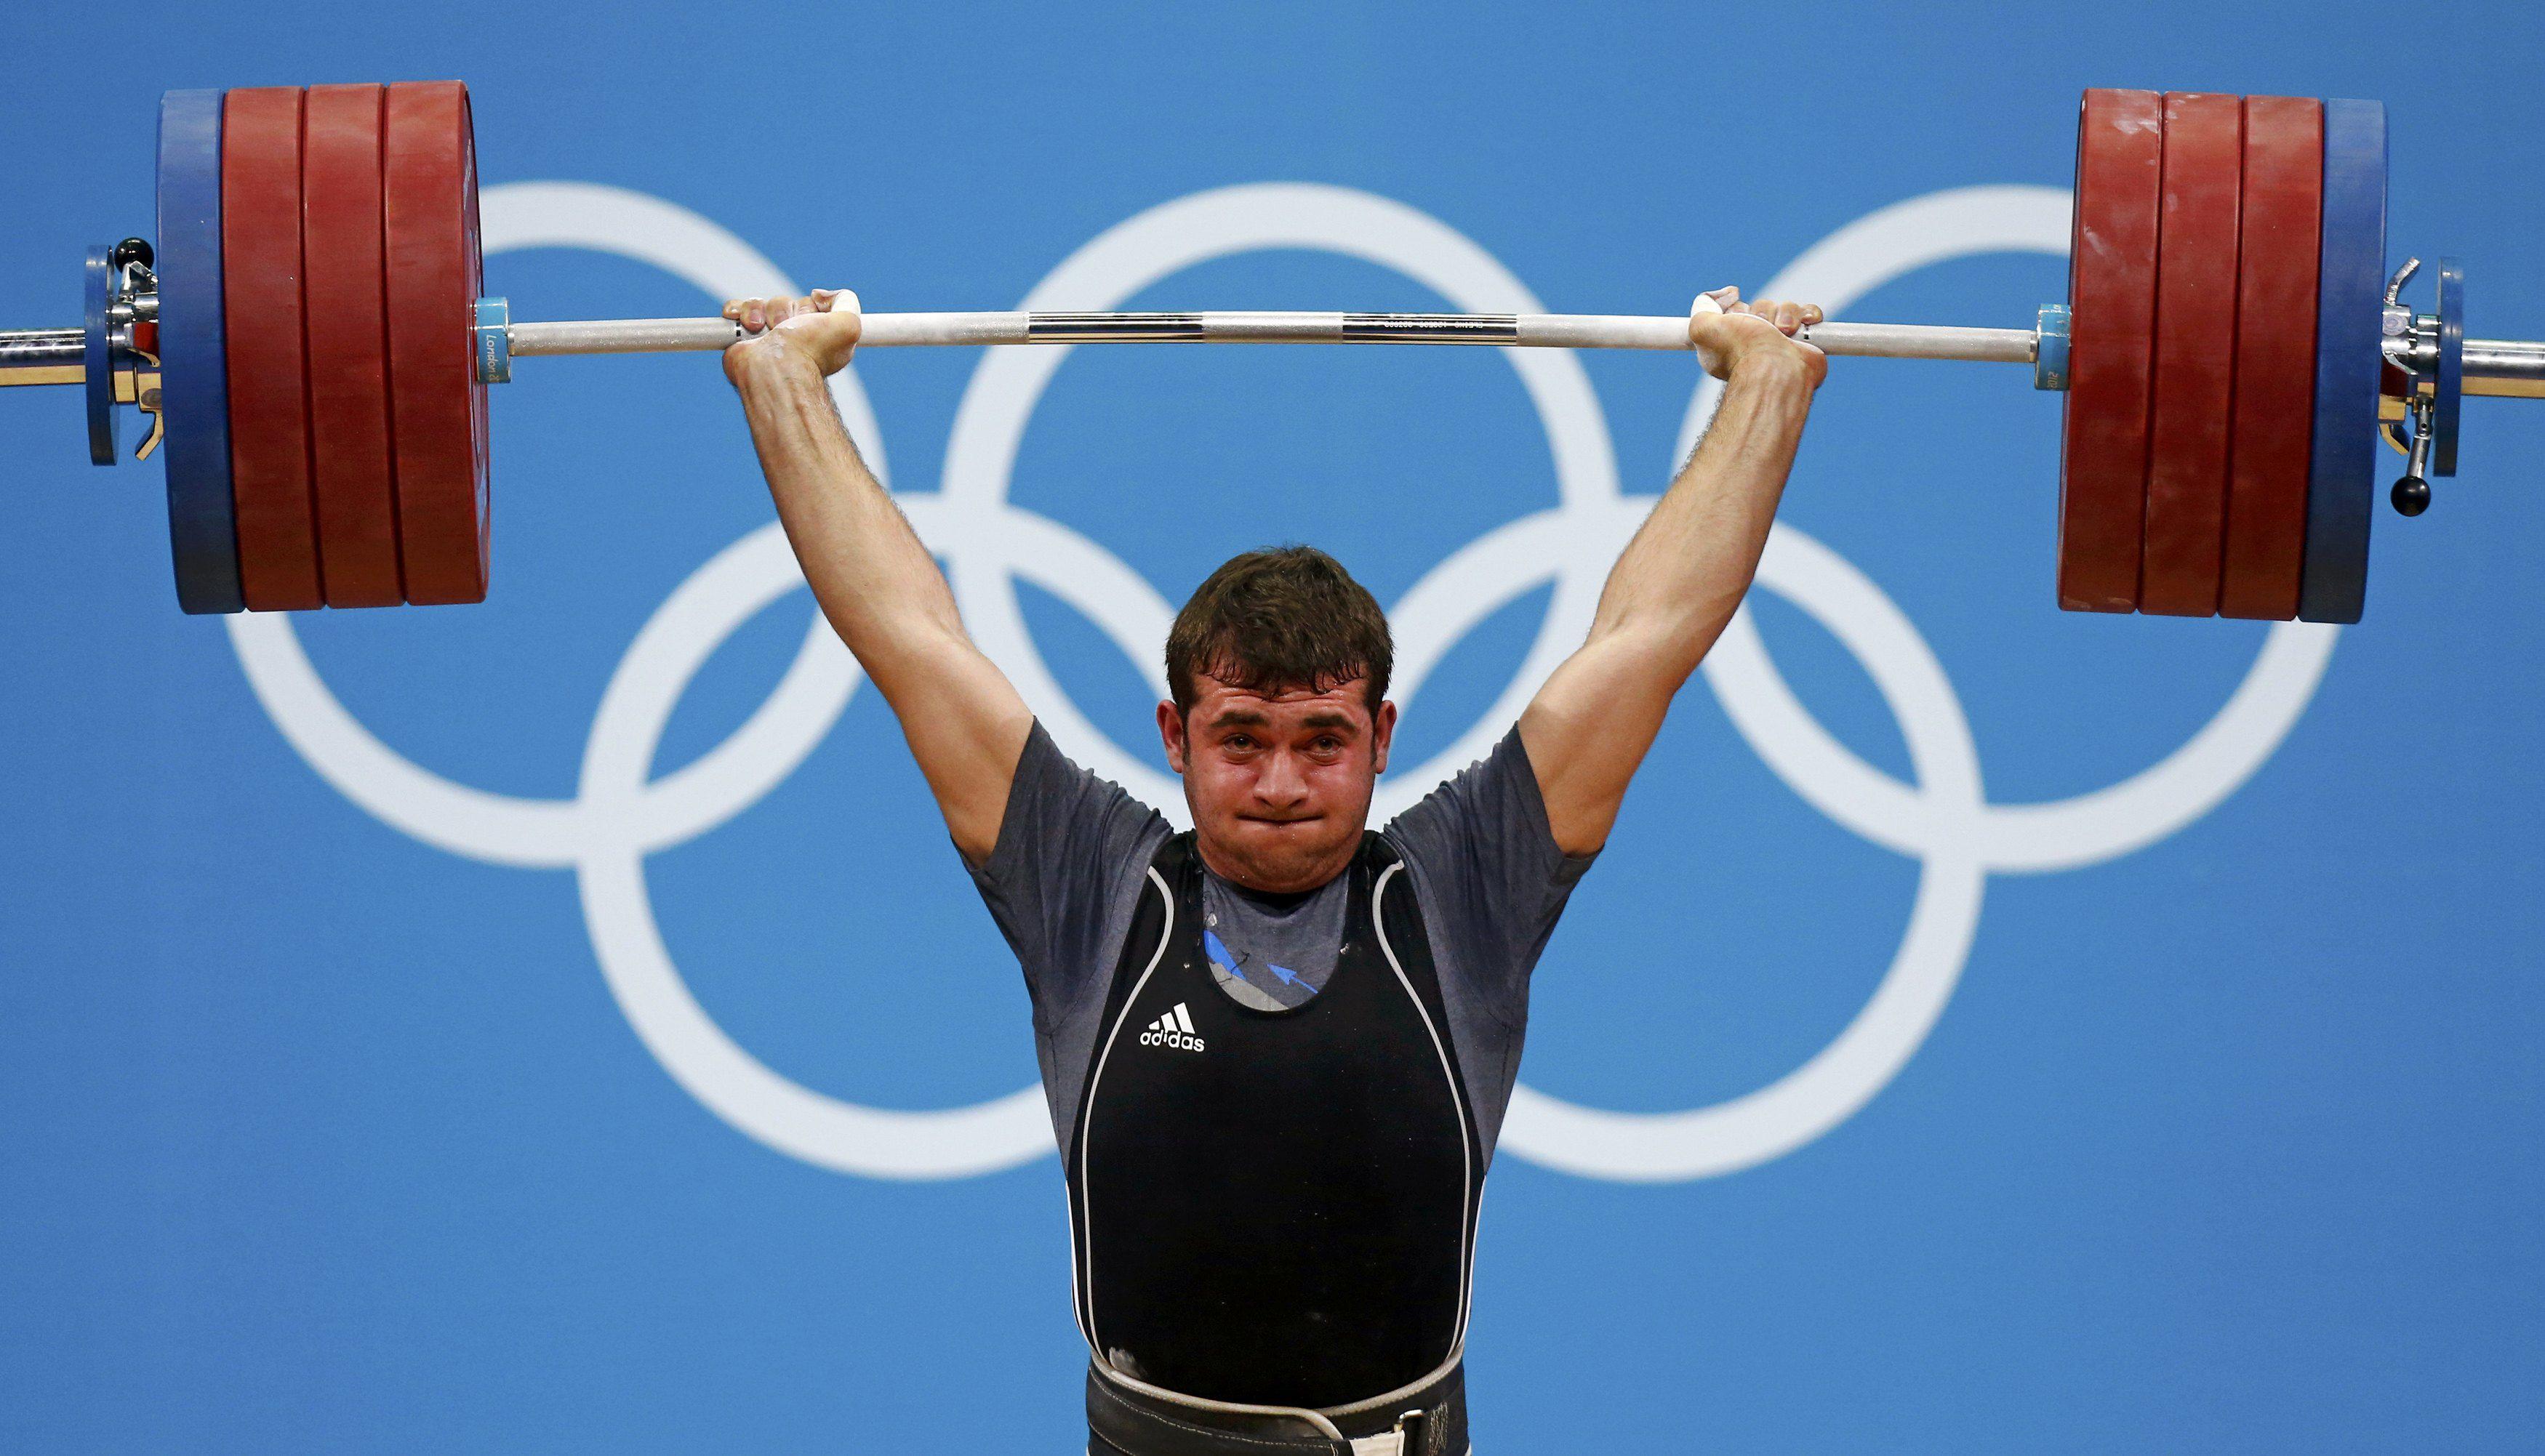 مدال طلای المپیک به سعید محمدپور رسید